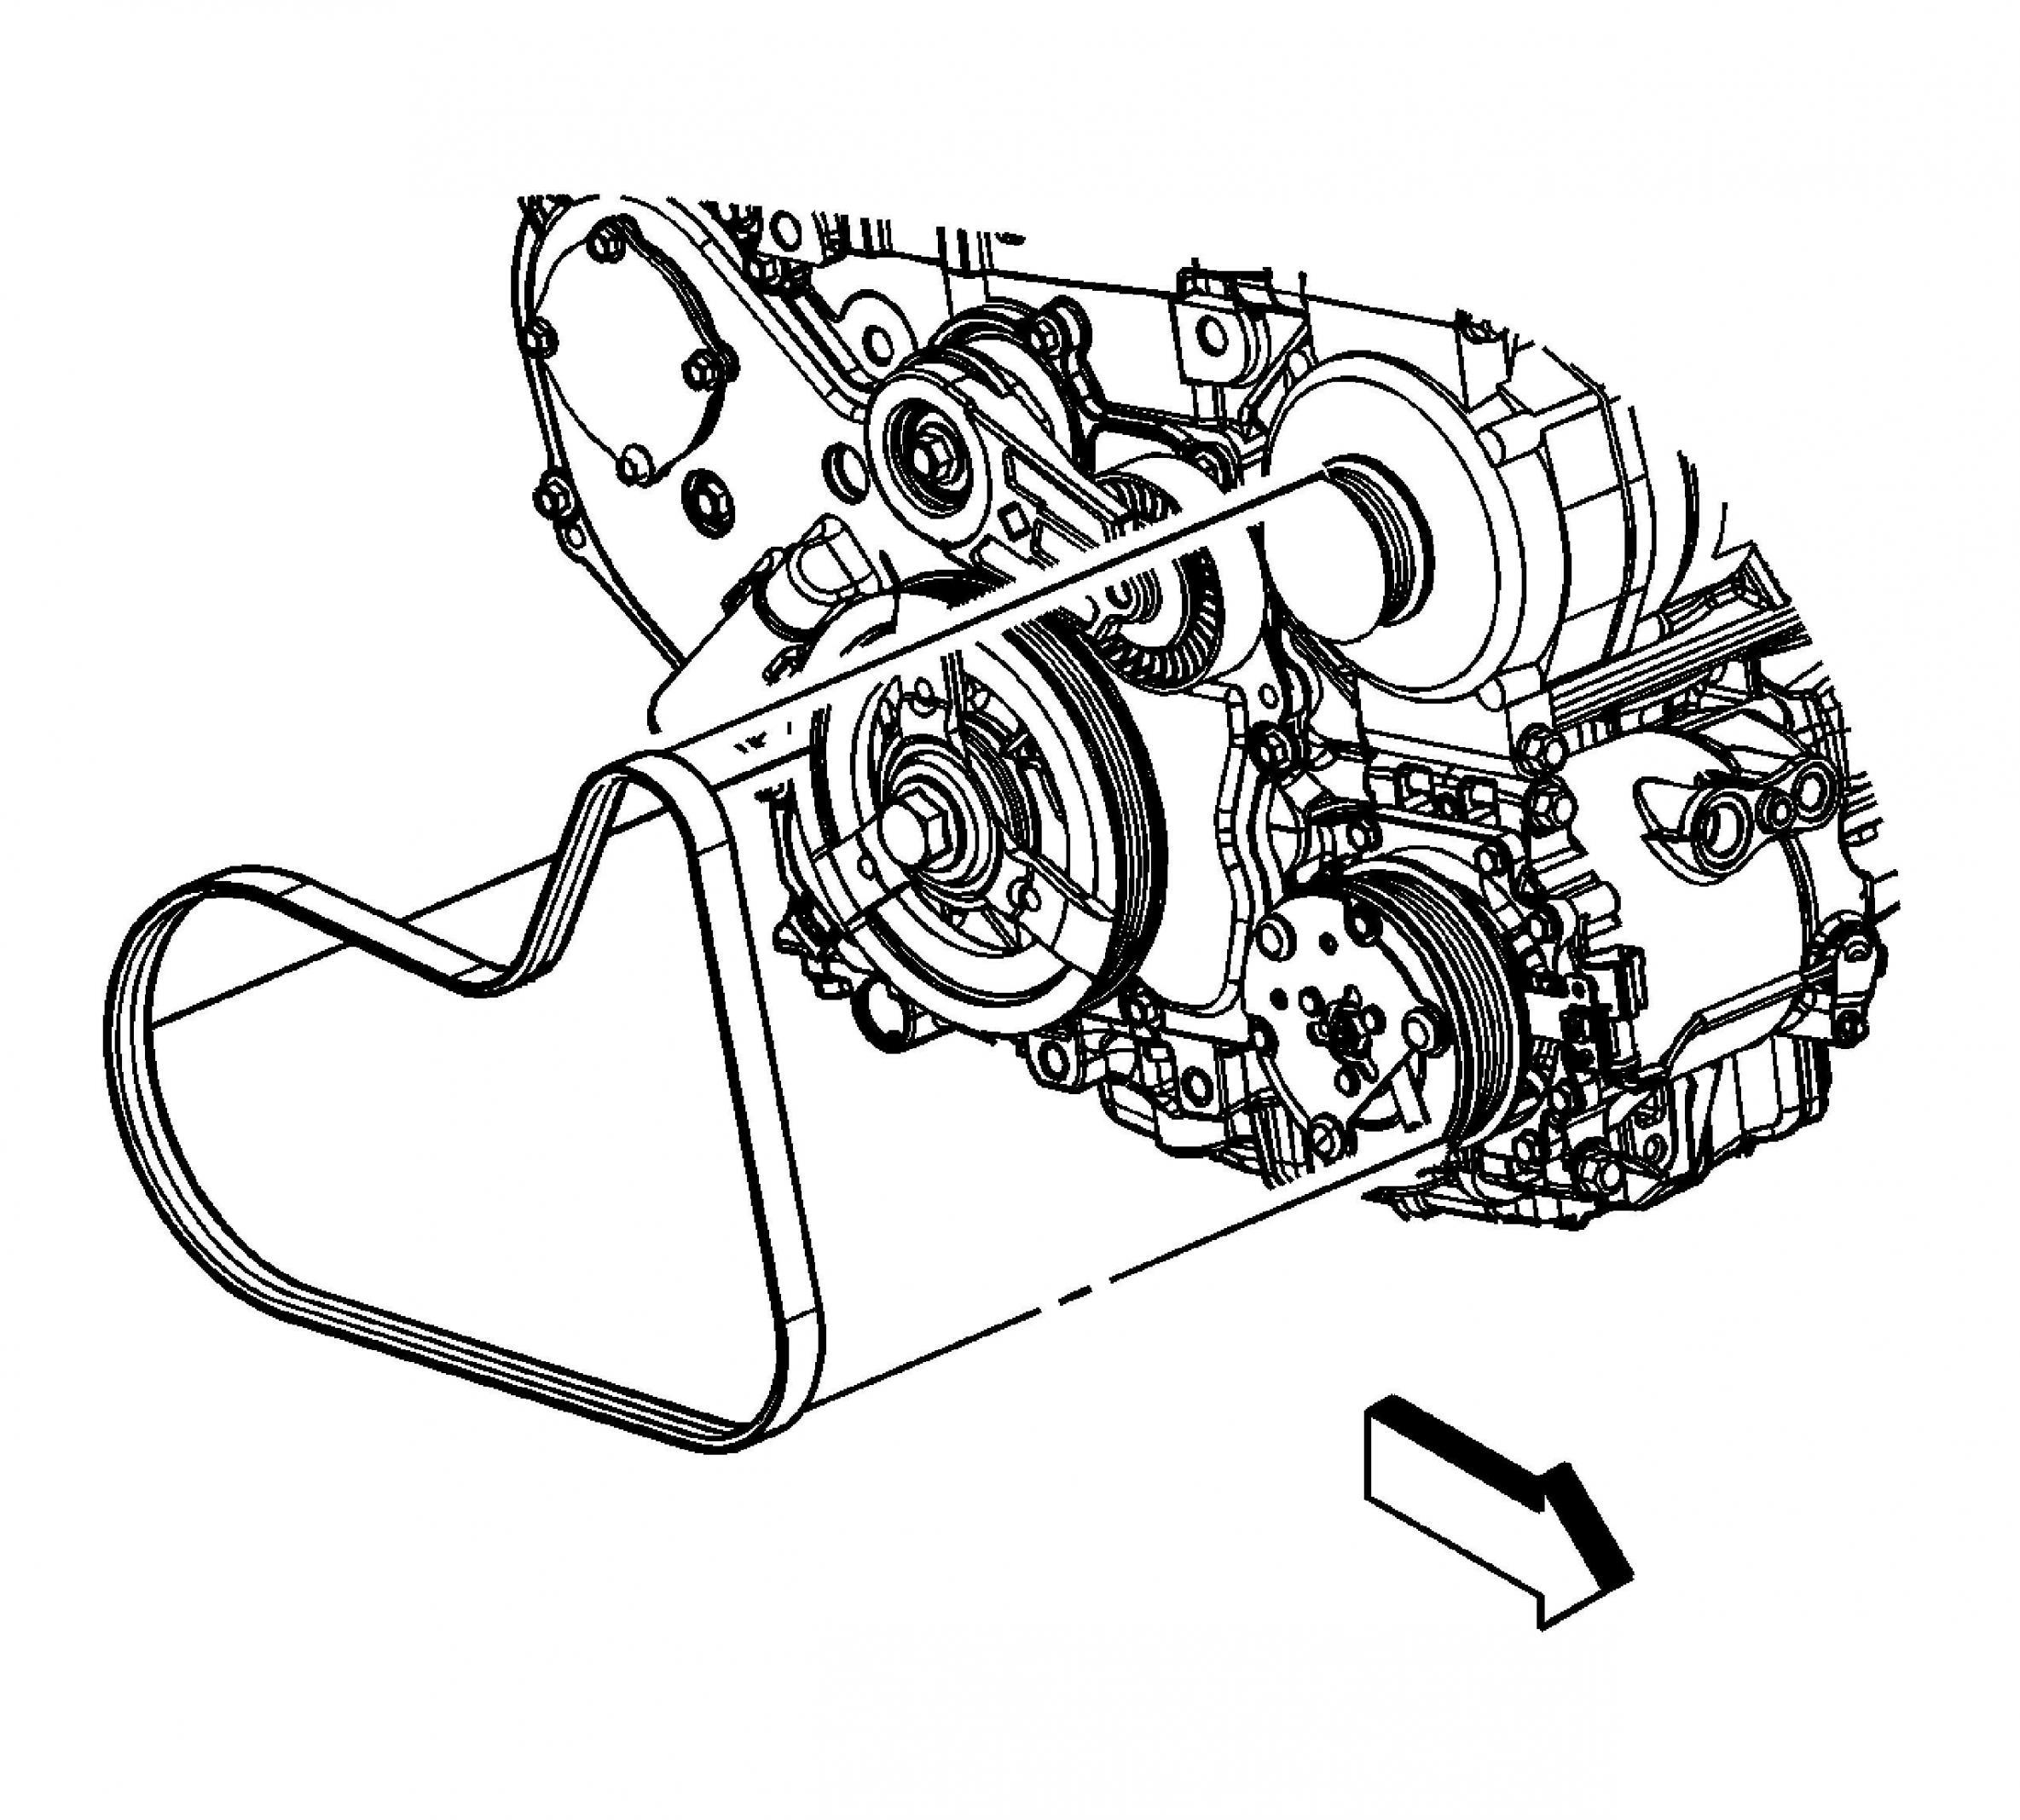 2005 Chevy Equinox Serpentine Belt Diagram